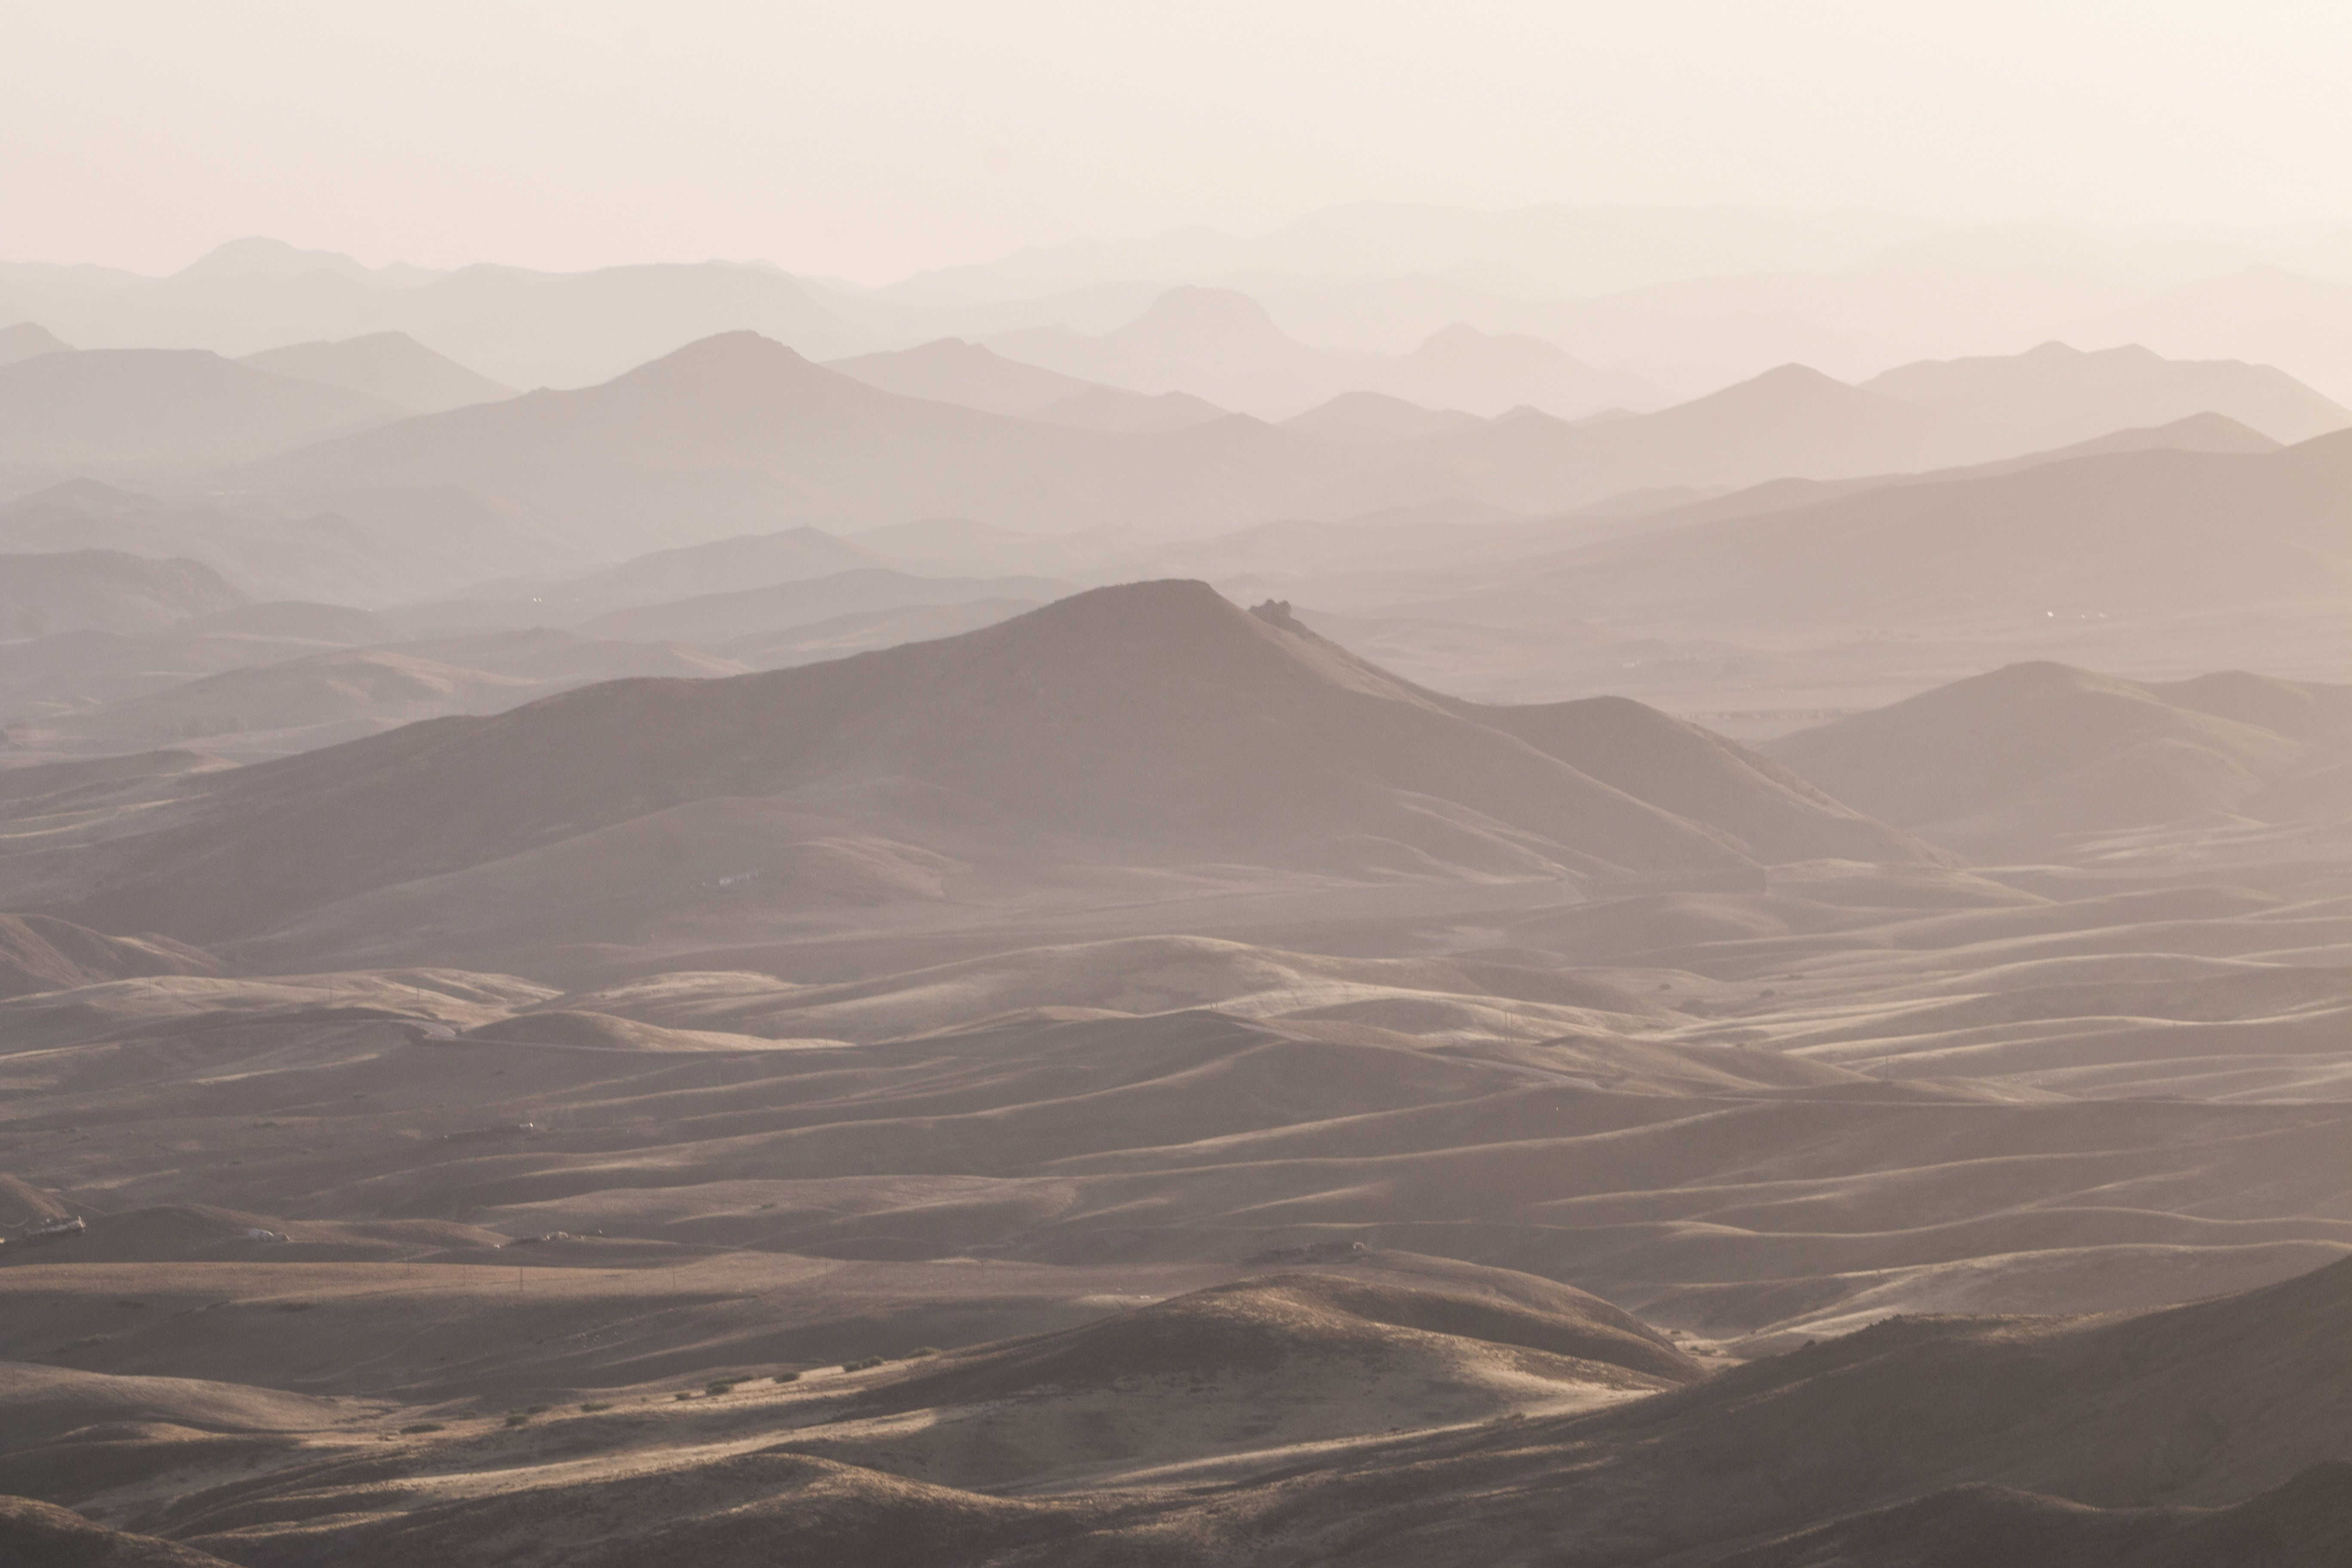 Las montañas del atlas